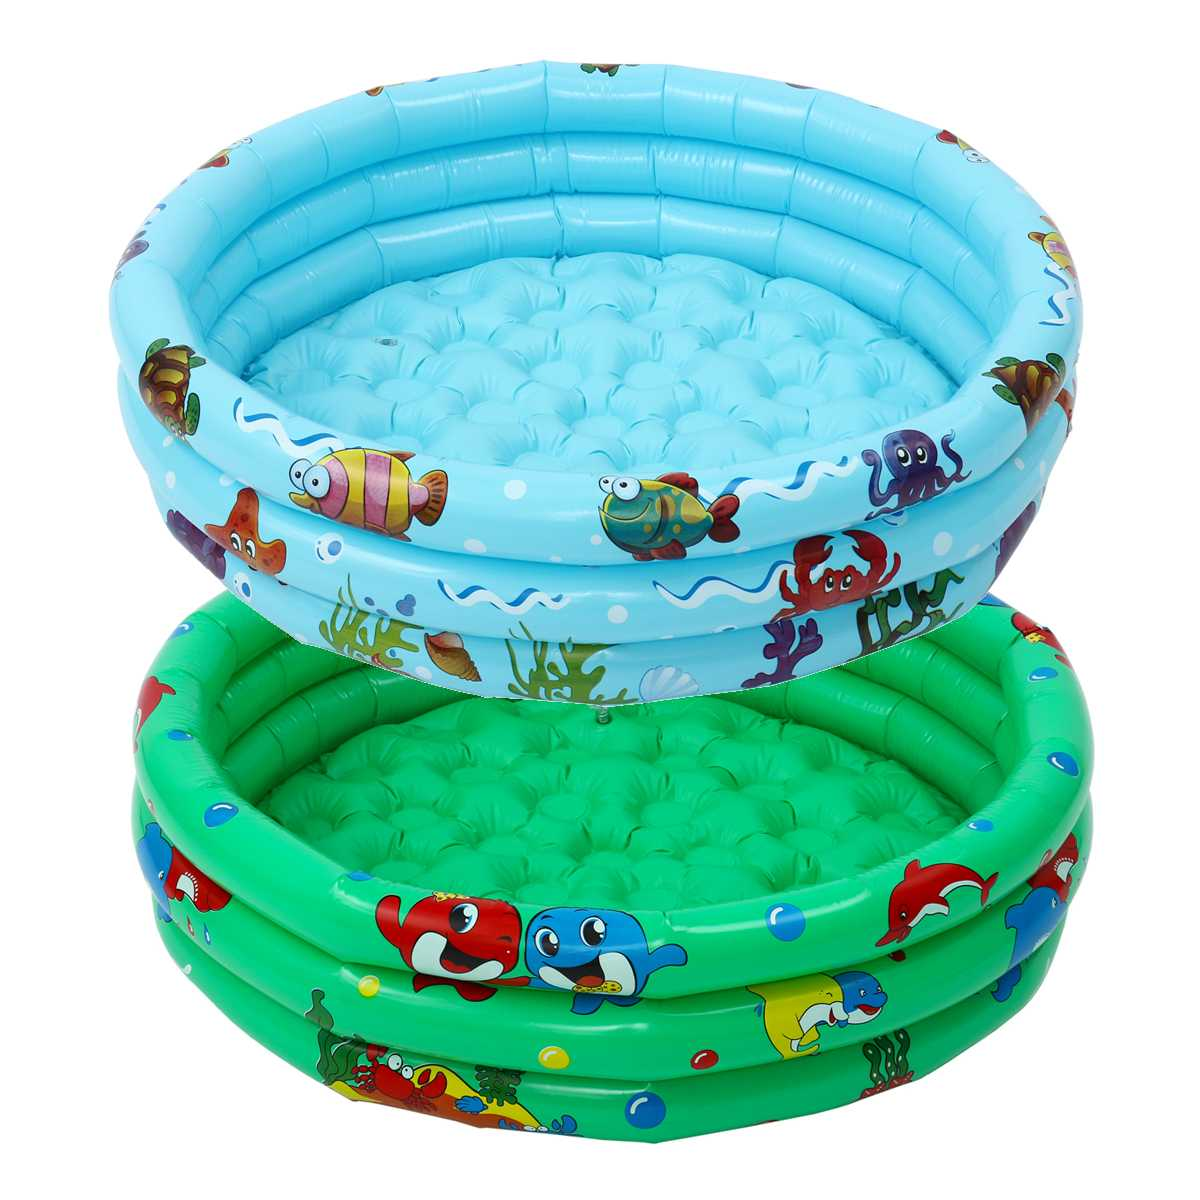 Piscine gonflable pour bébé 90x25cm   Bassin Portable pour enfants en plein air, piscine pour enfants, baignoire à eau pour piscine bébé